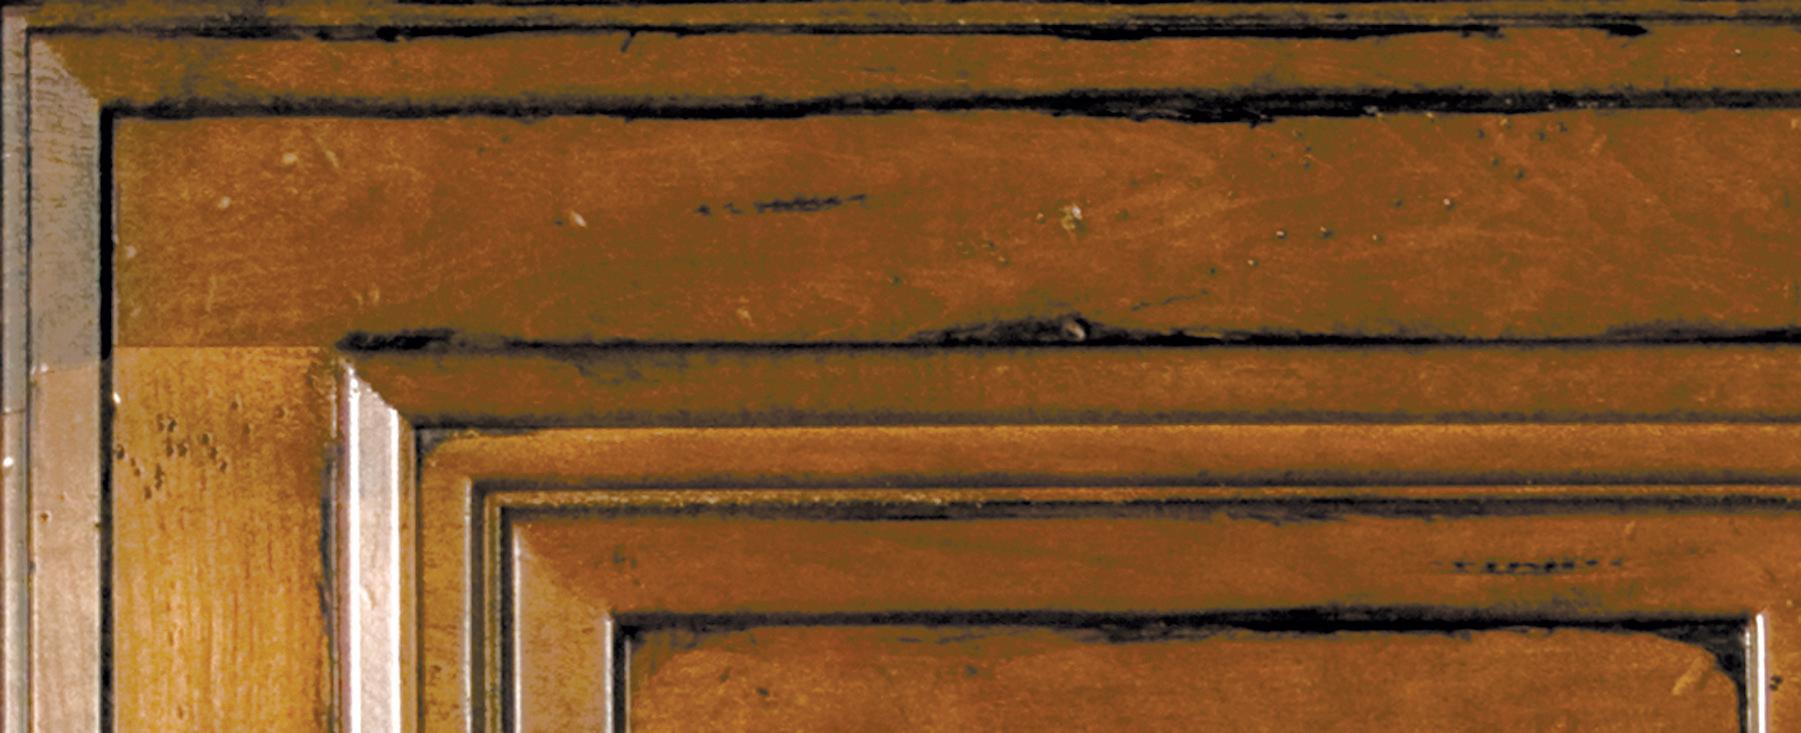 Corner of door showing Wellborn's Olde World Finish Technique